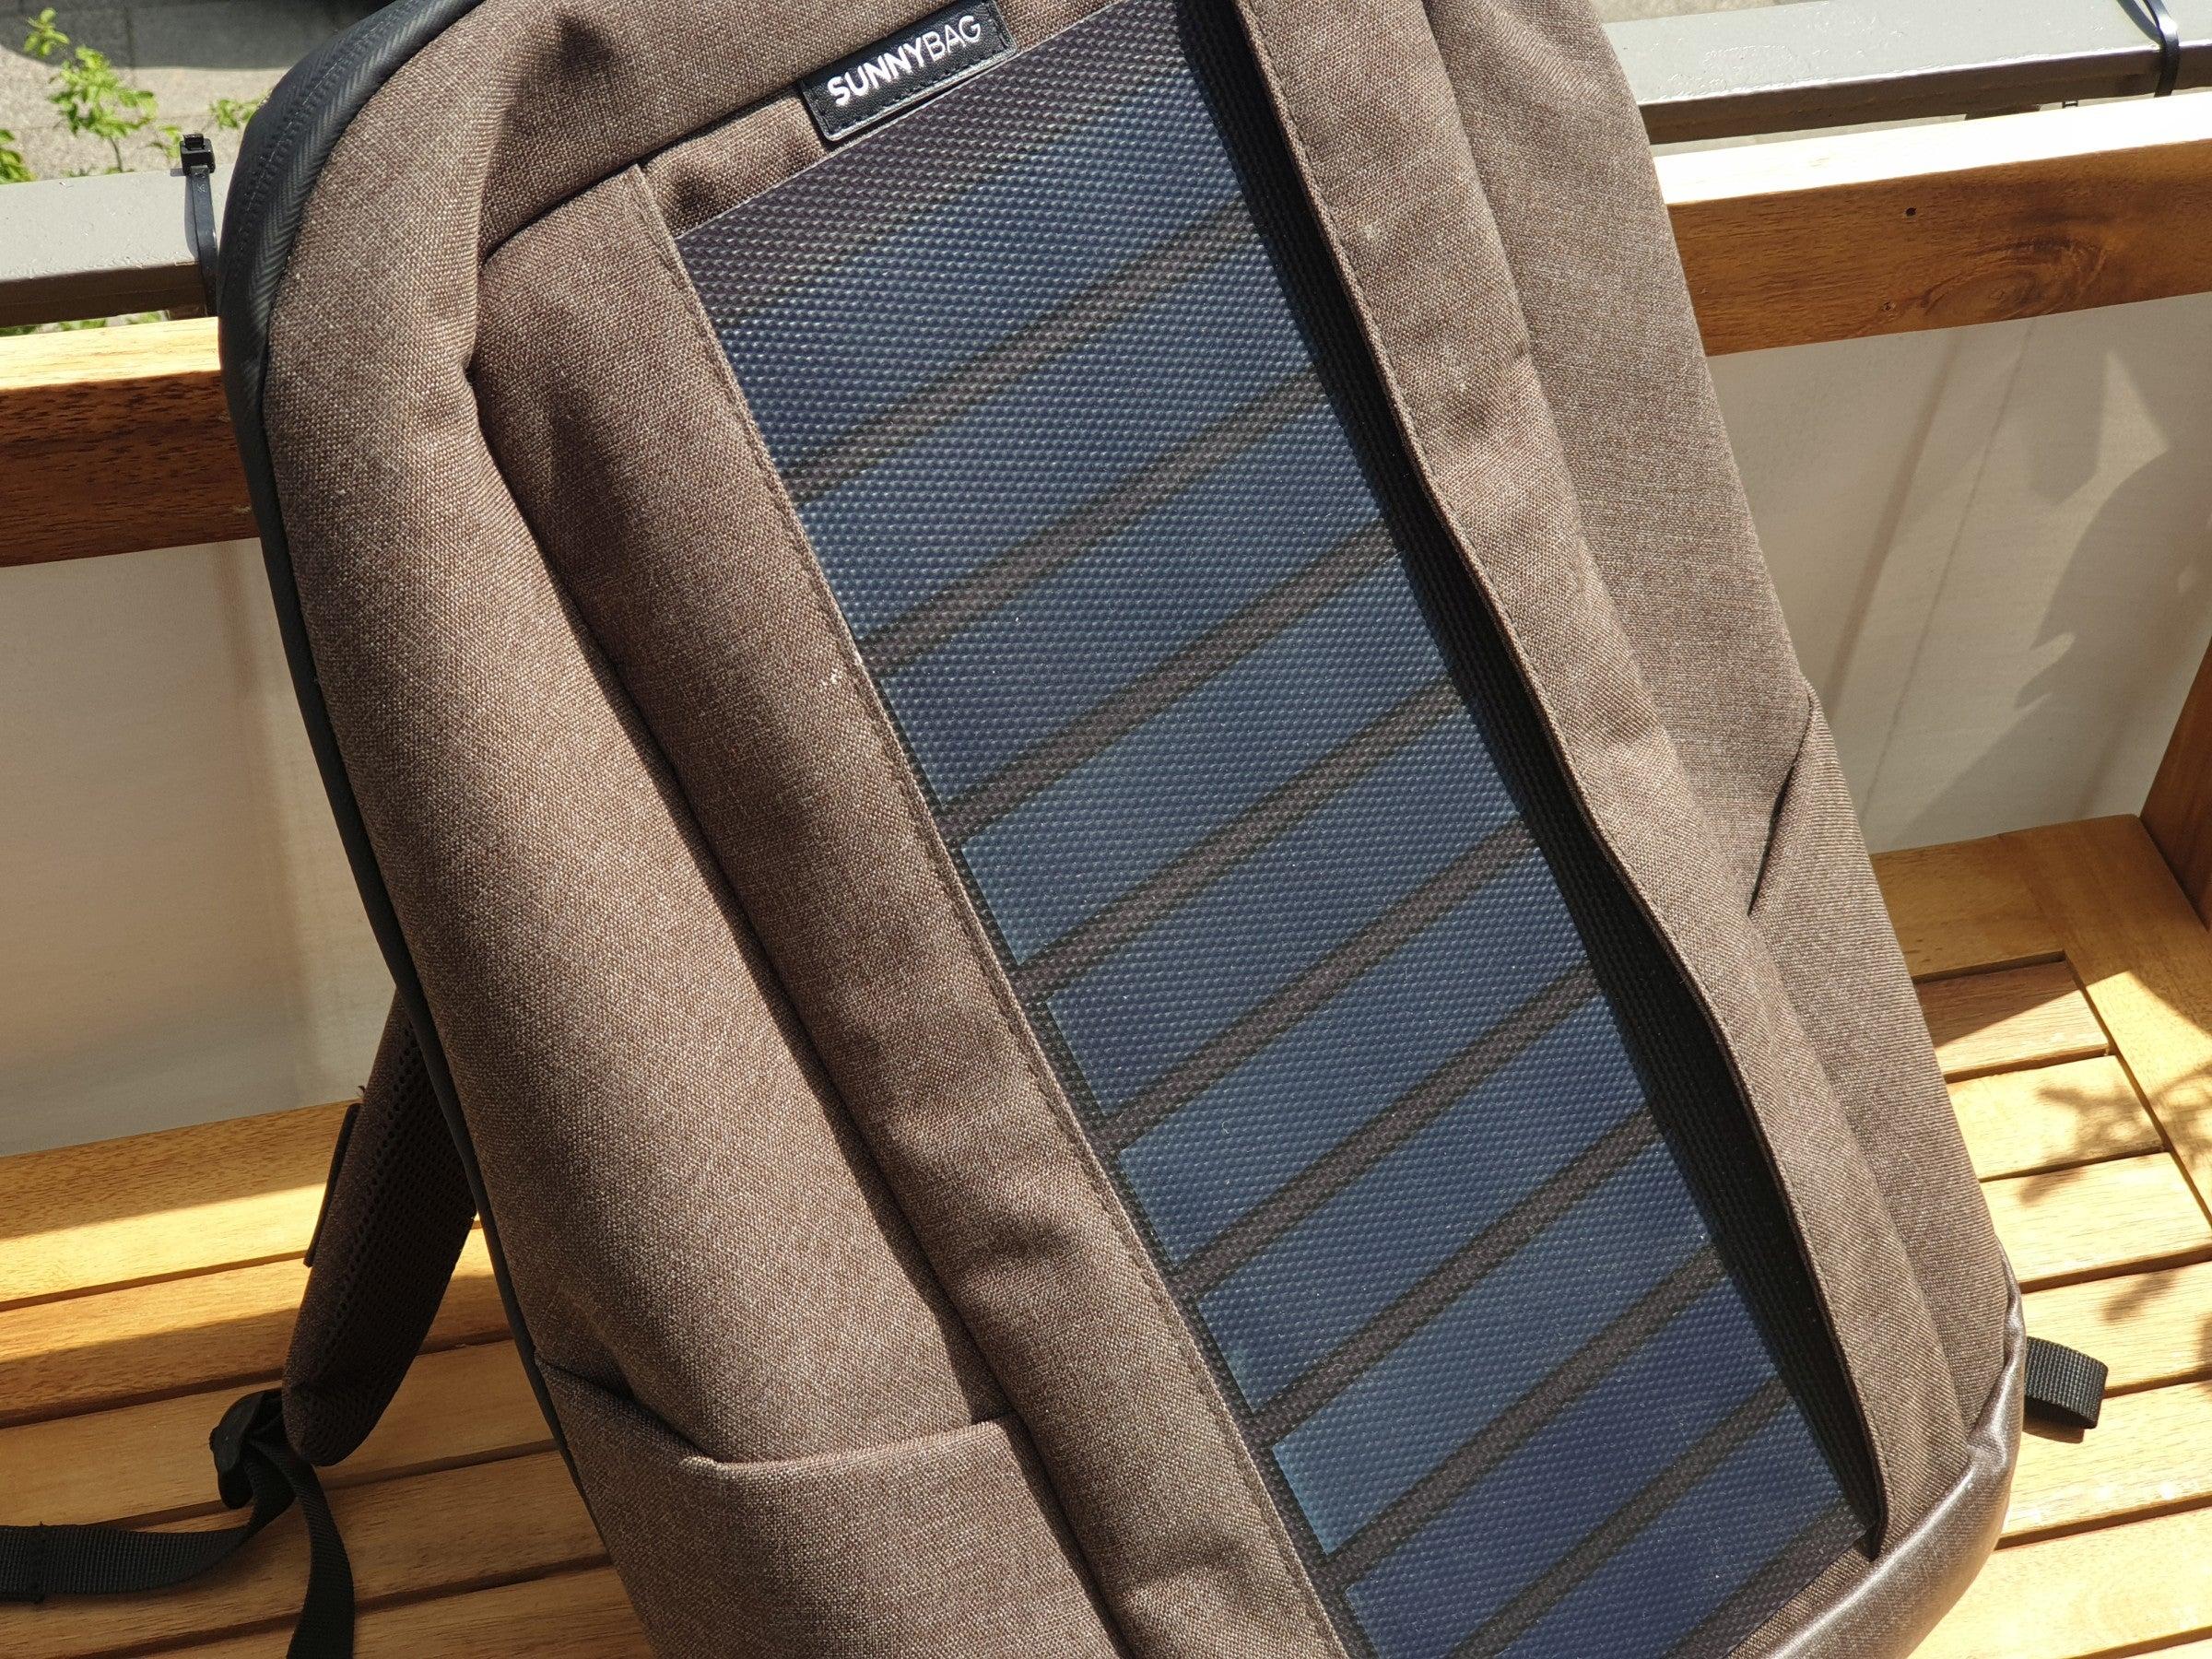 Solar-Zellen auf dem Sunnybag-Rucksack